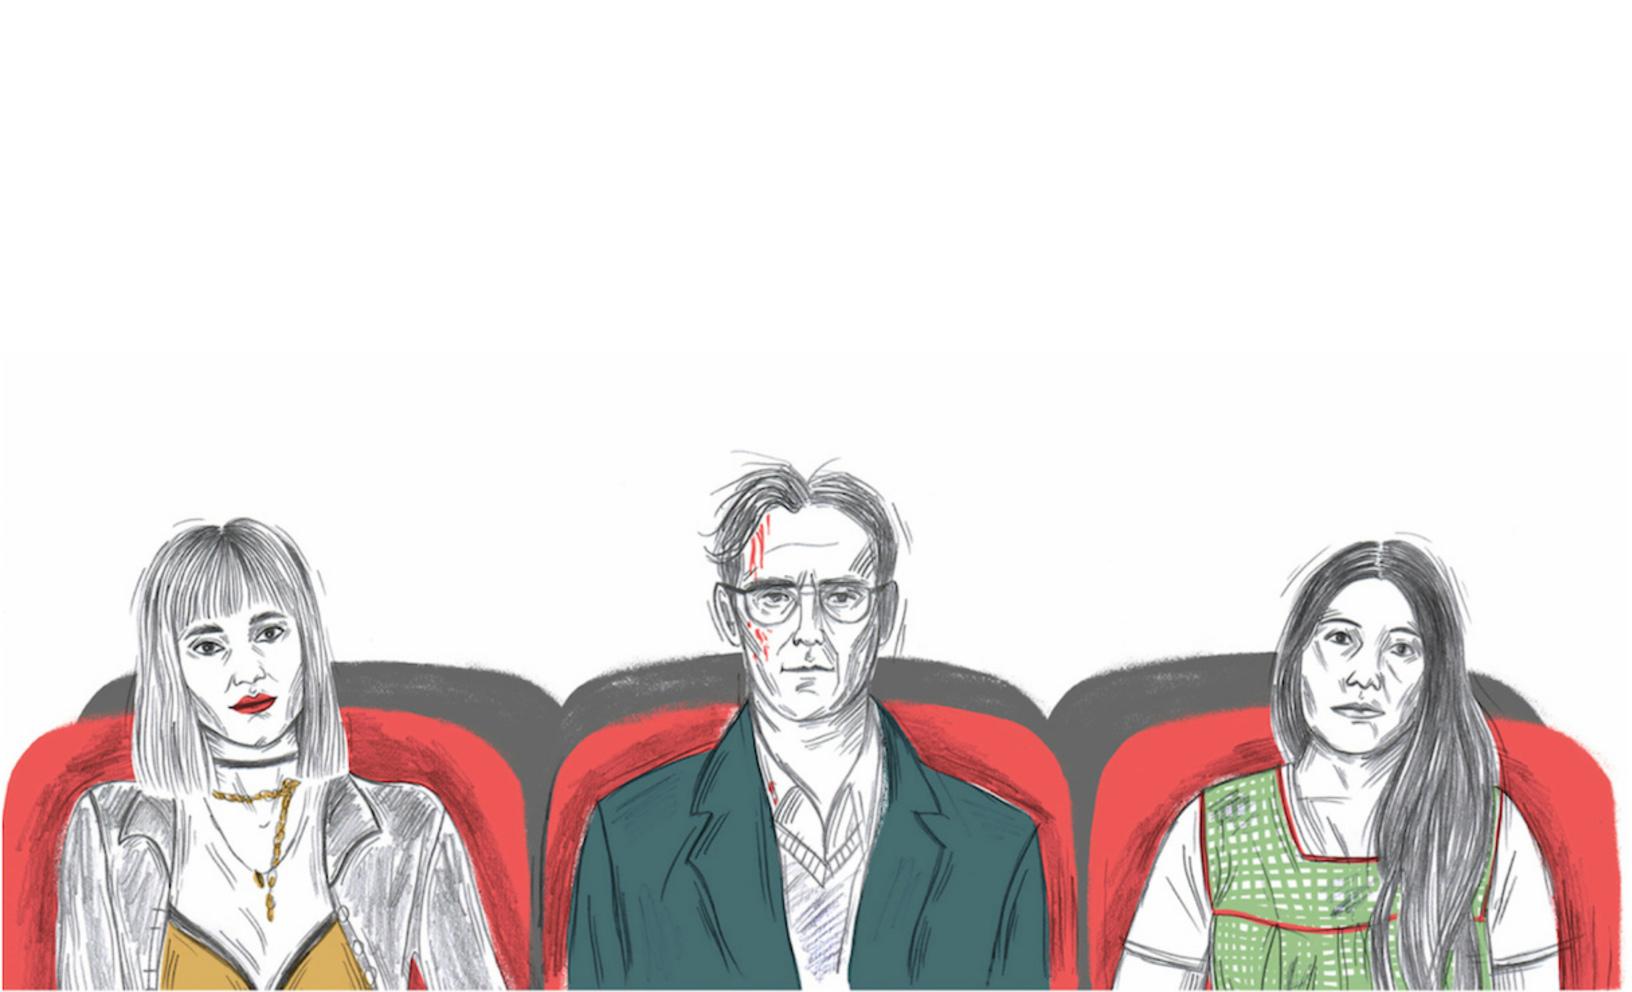 20 лучших фильмов 2018 года по версии 55 критиков опрос